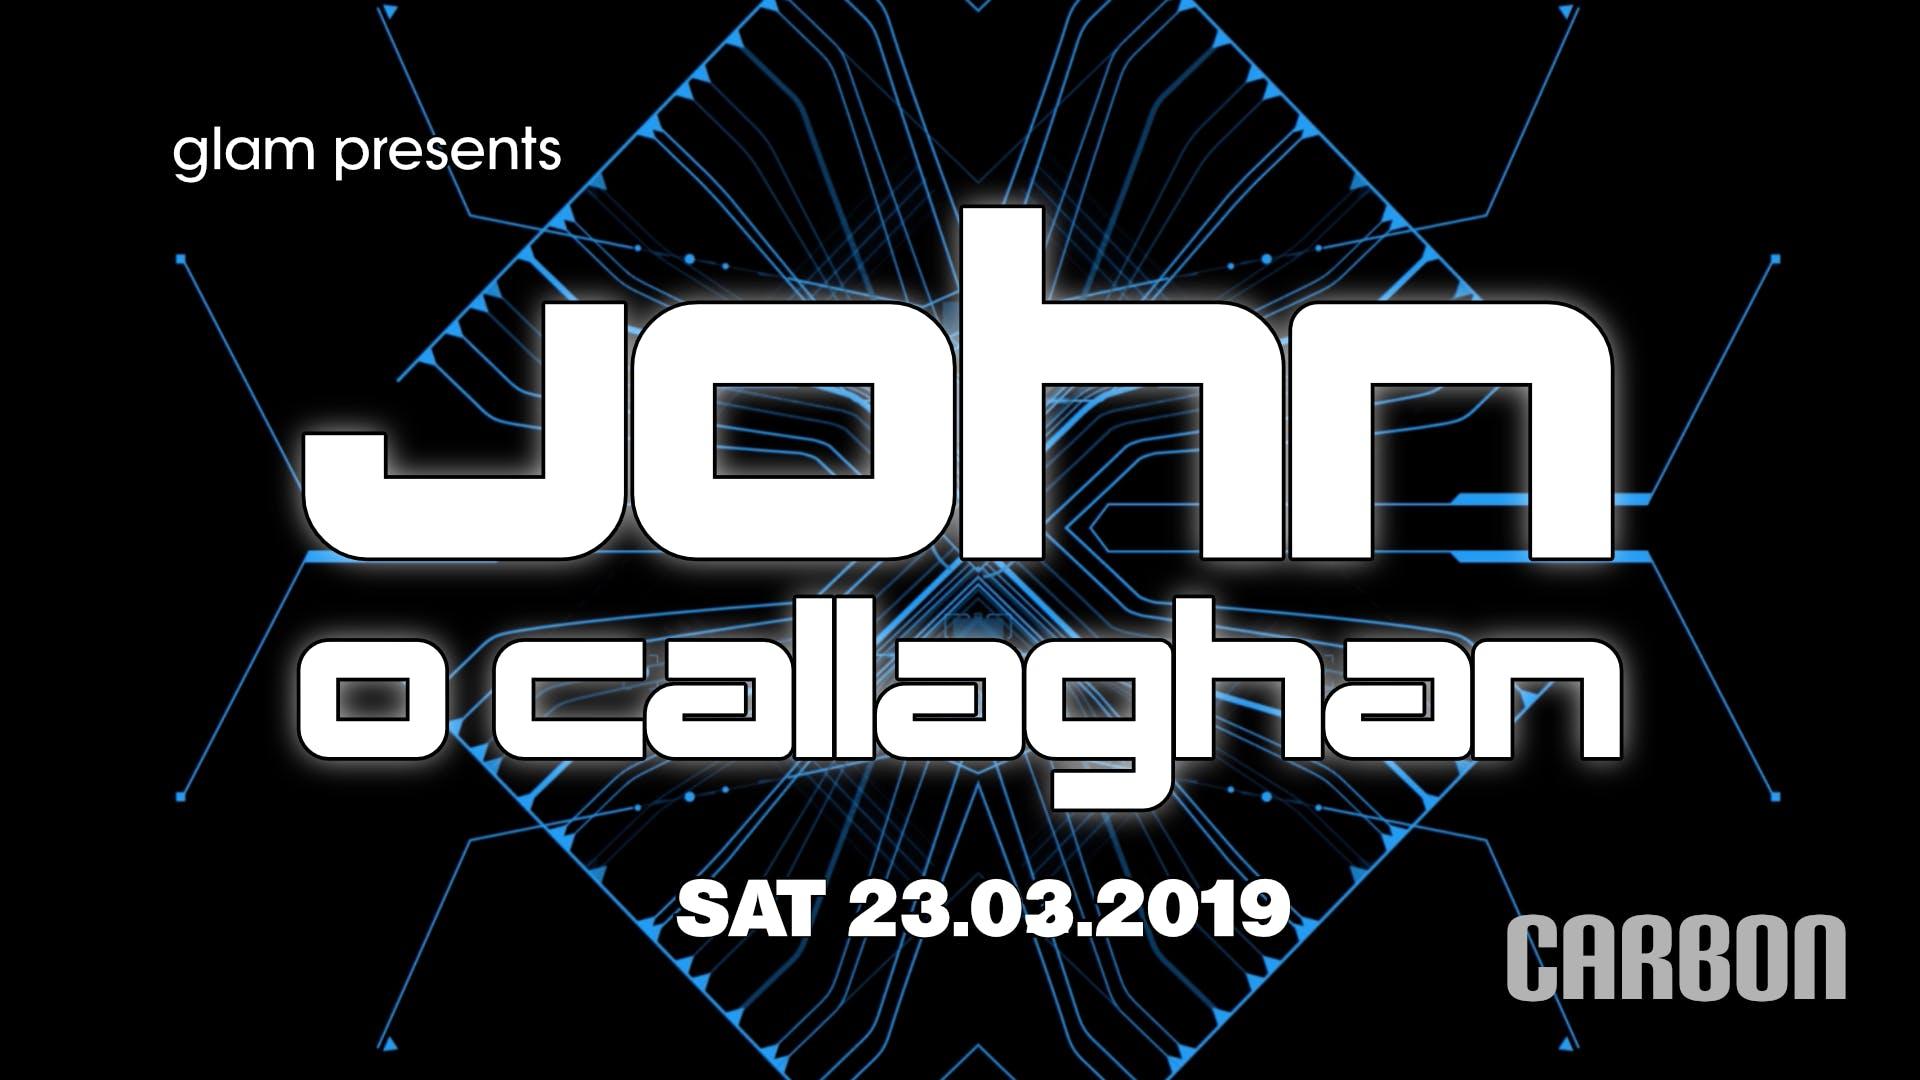 Glam presents John O Callaghan